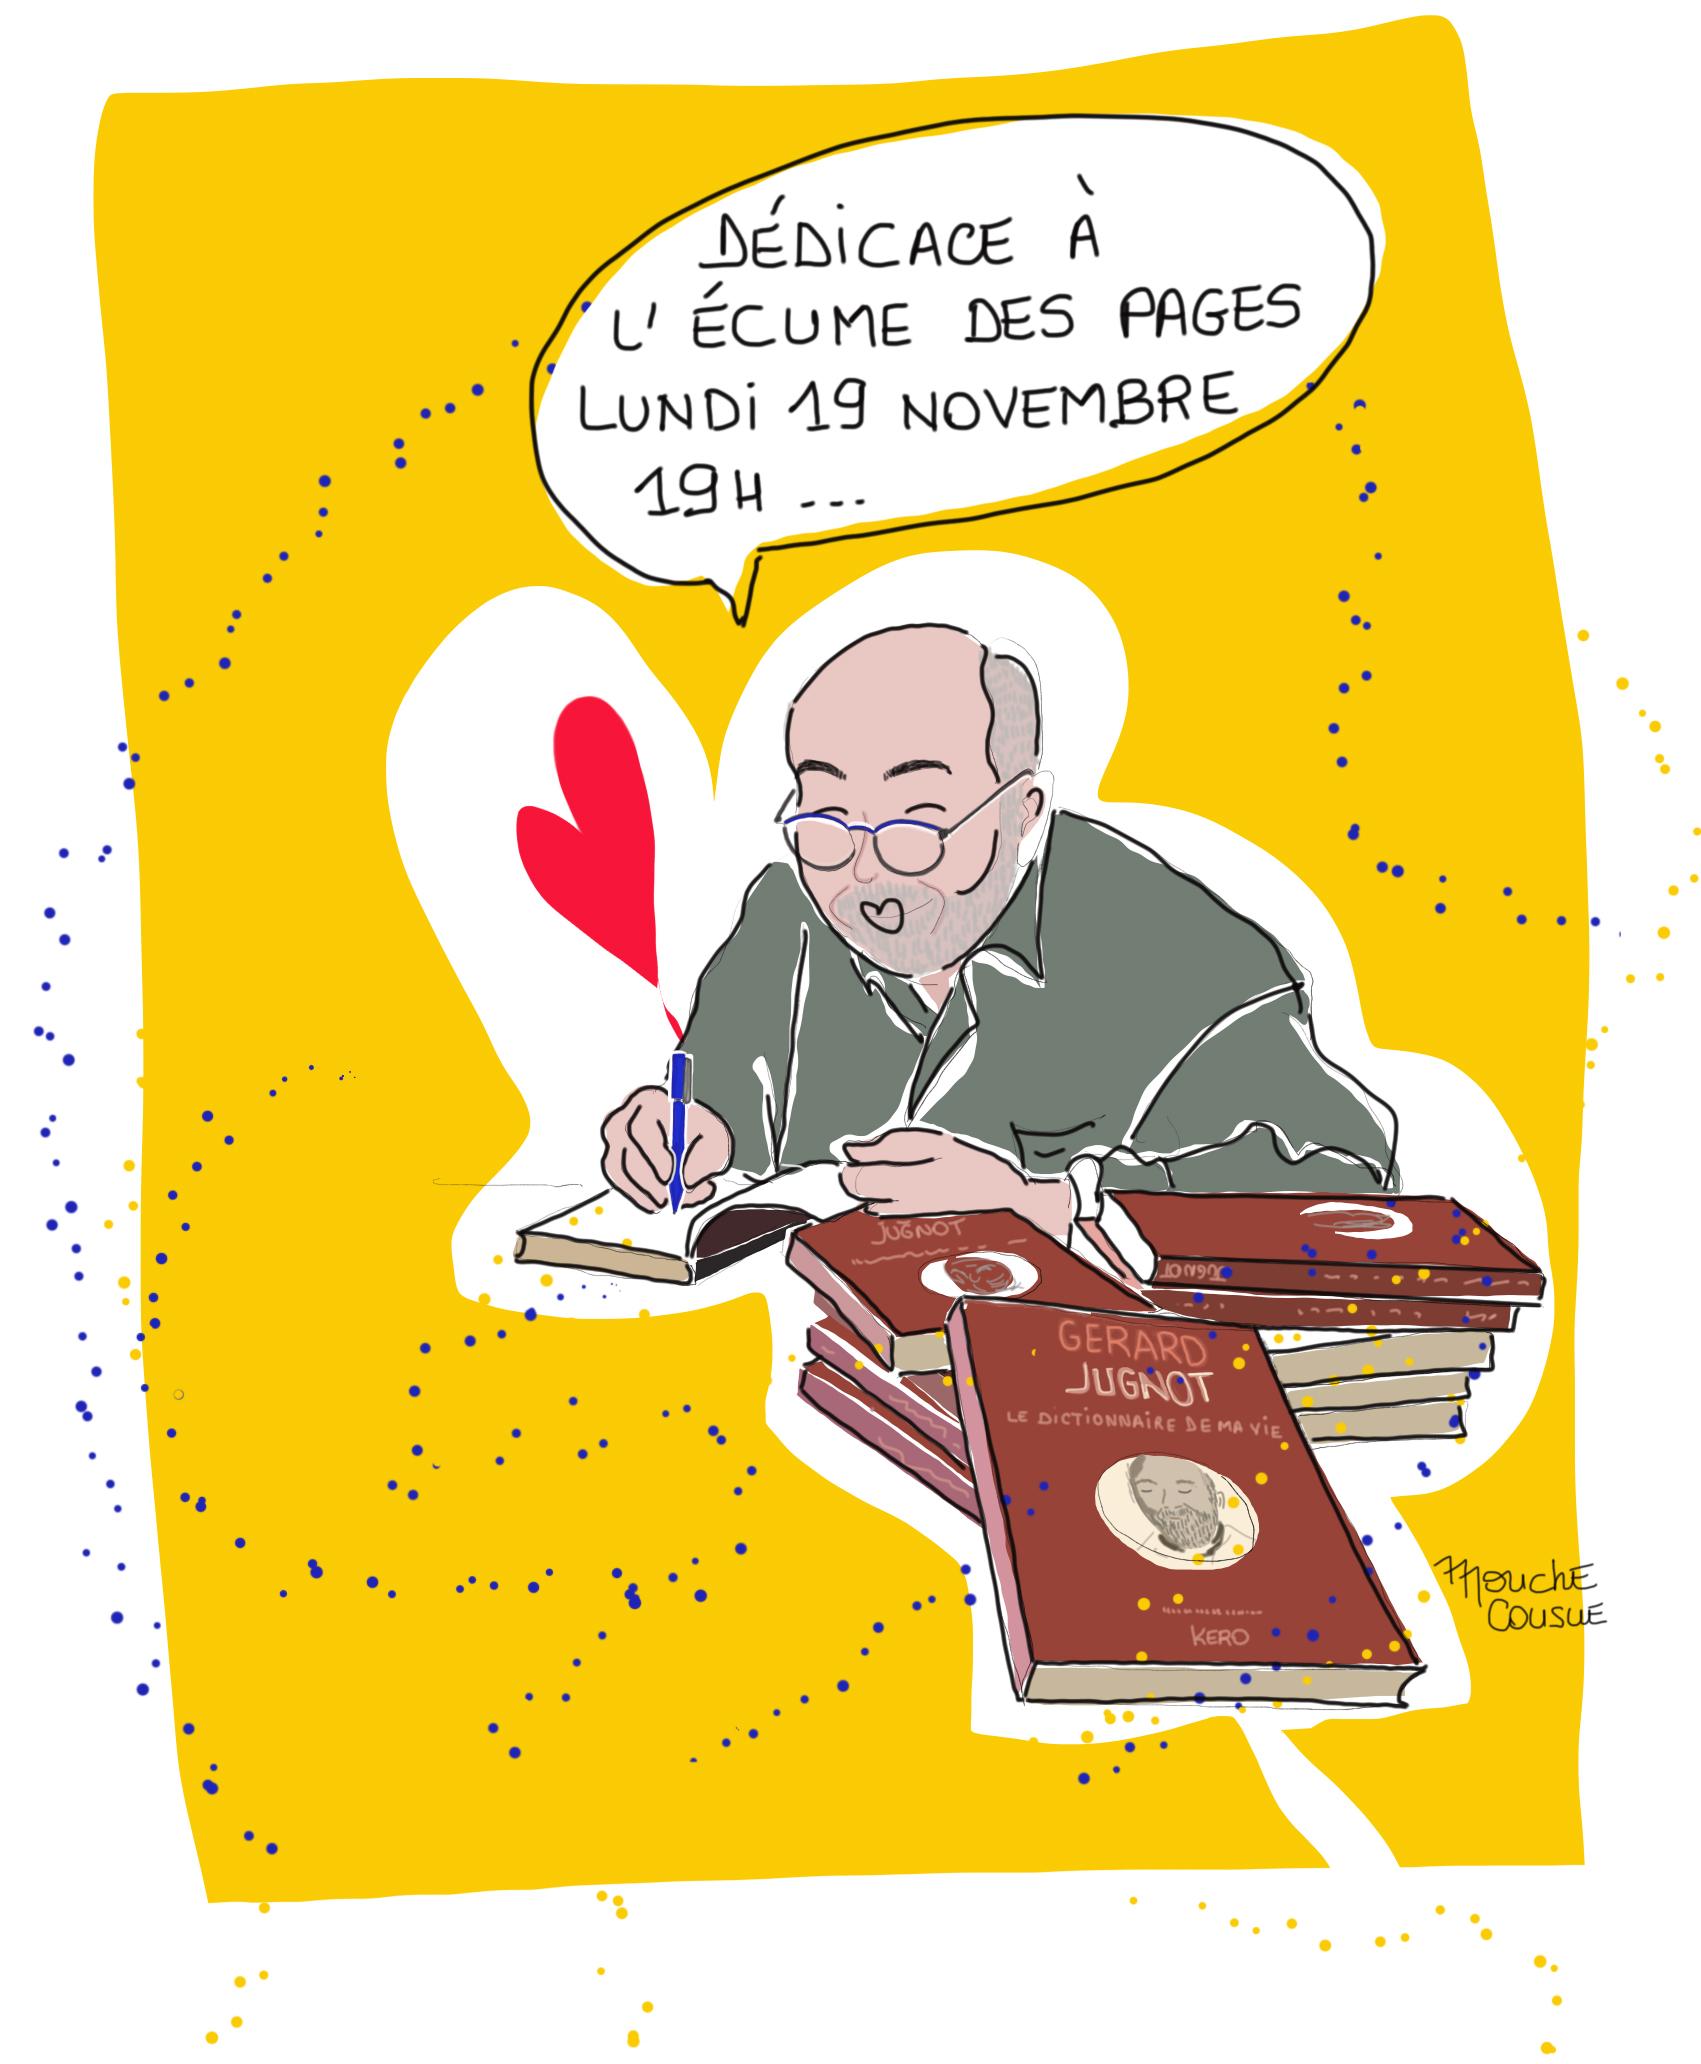 """illustration mouche cousue - dédicace """"Dictionnaire de ma vie"""" de Gérard Jugnot"""